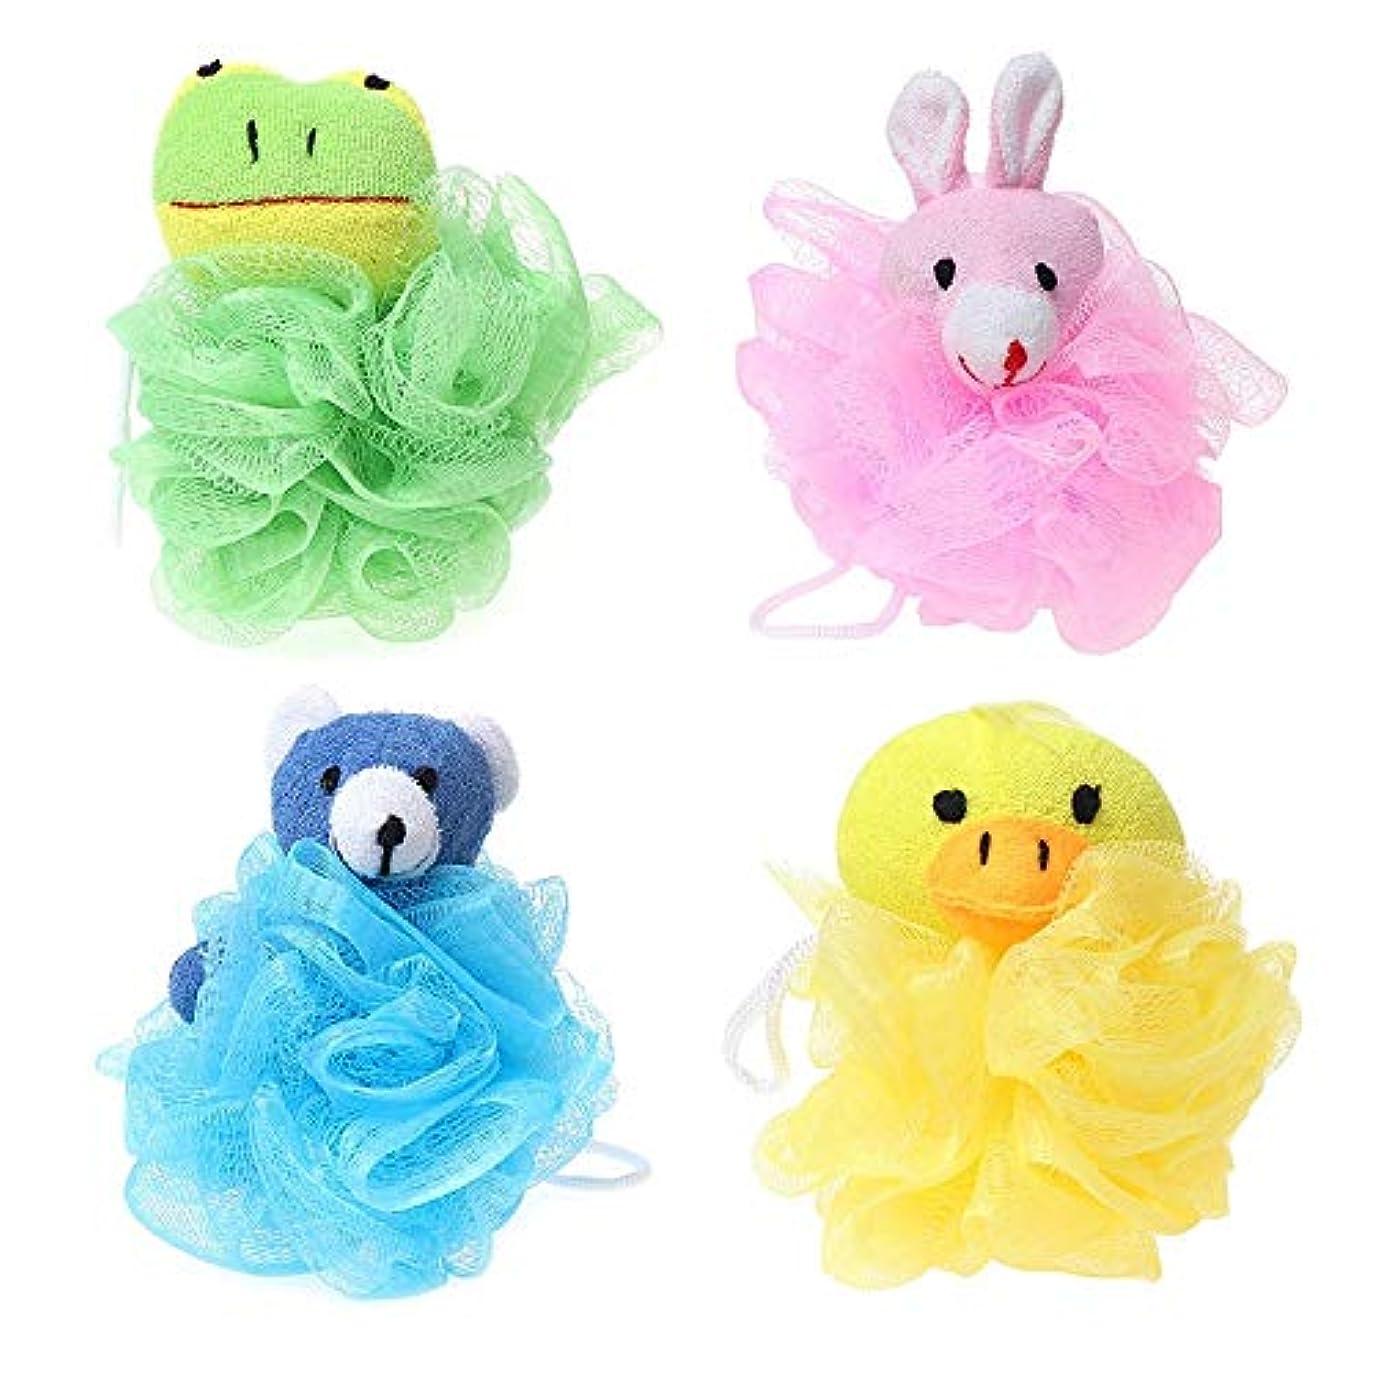 平衡自治やむを得ないACAMPTAR 子供用おもちゃクッションパフメッシュぬいぐるみ付き(4パック)カエル、アヒル、ウサギ、クマ